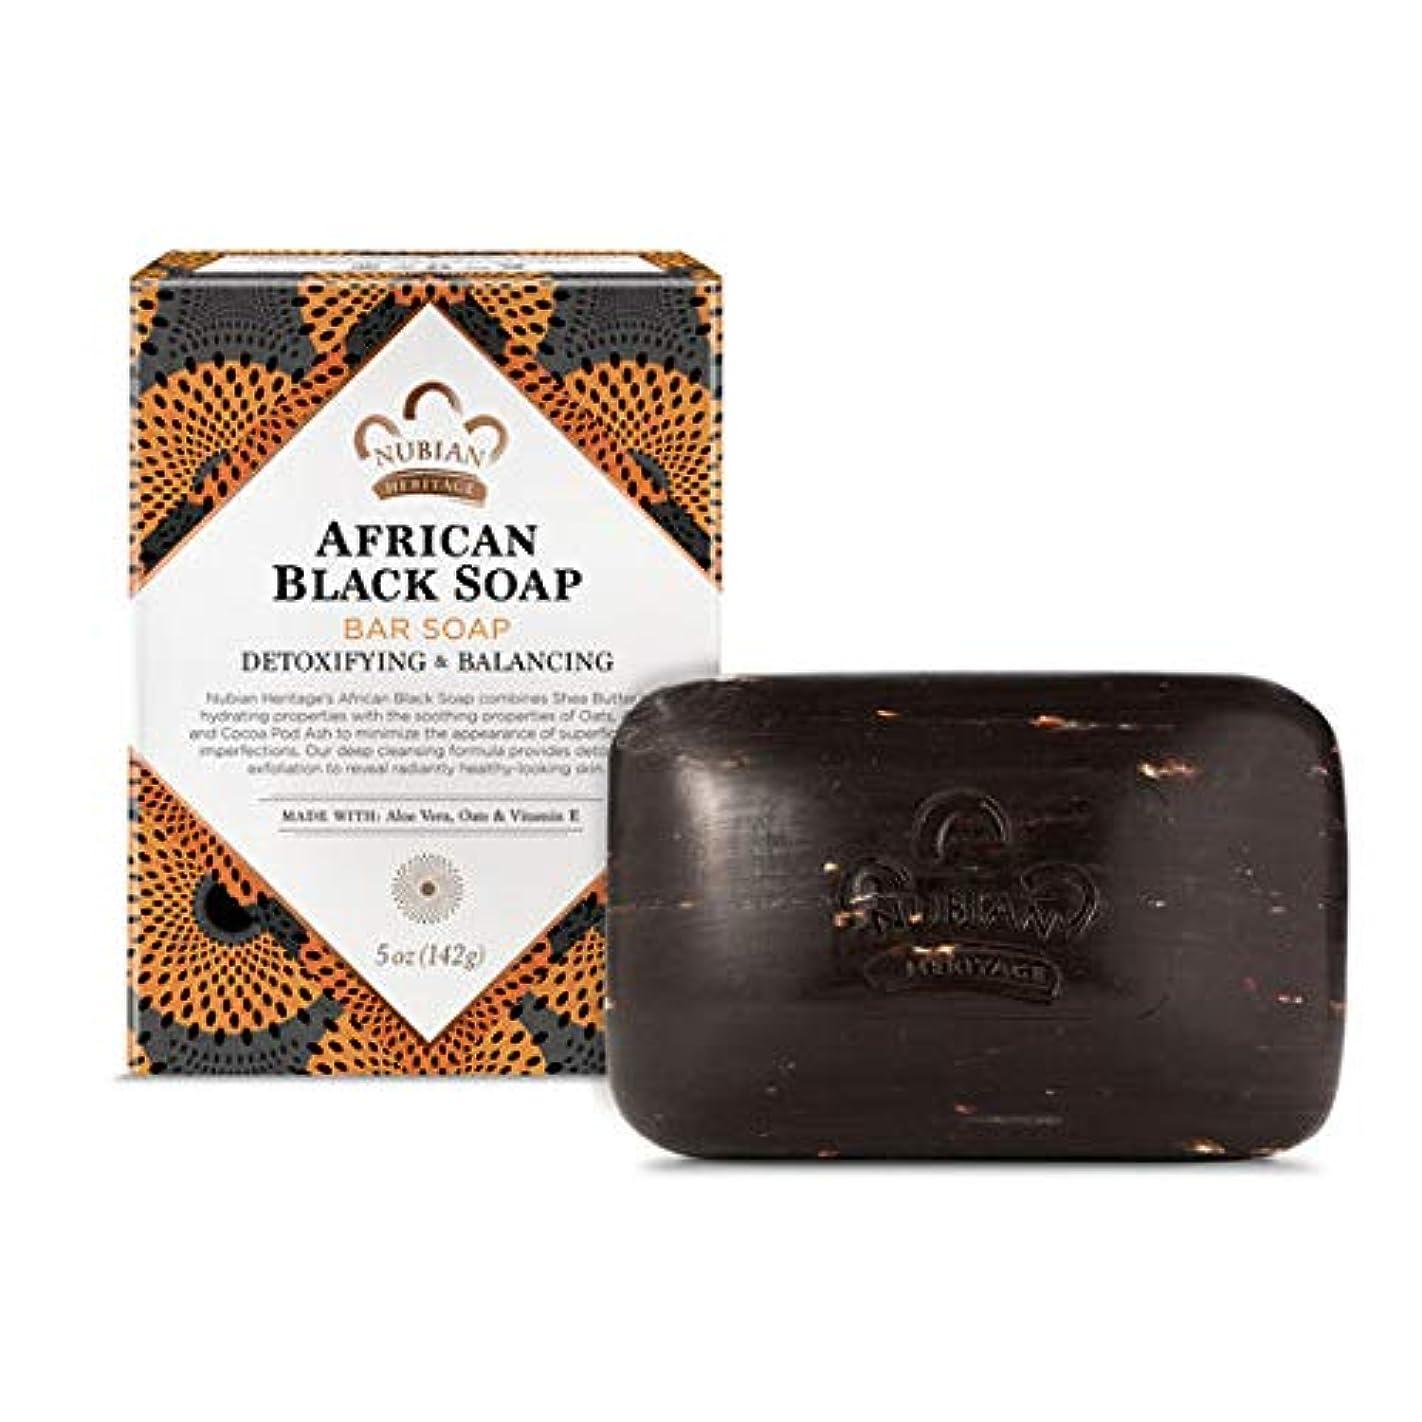 ヤング信じられないキリスト教ヌビアン ヘリテージ アフリカン ブラック ソープ 141g 並行輸入品 [並行輸入品]